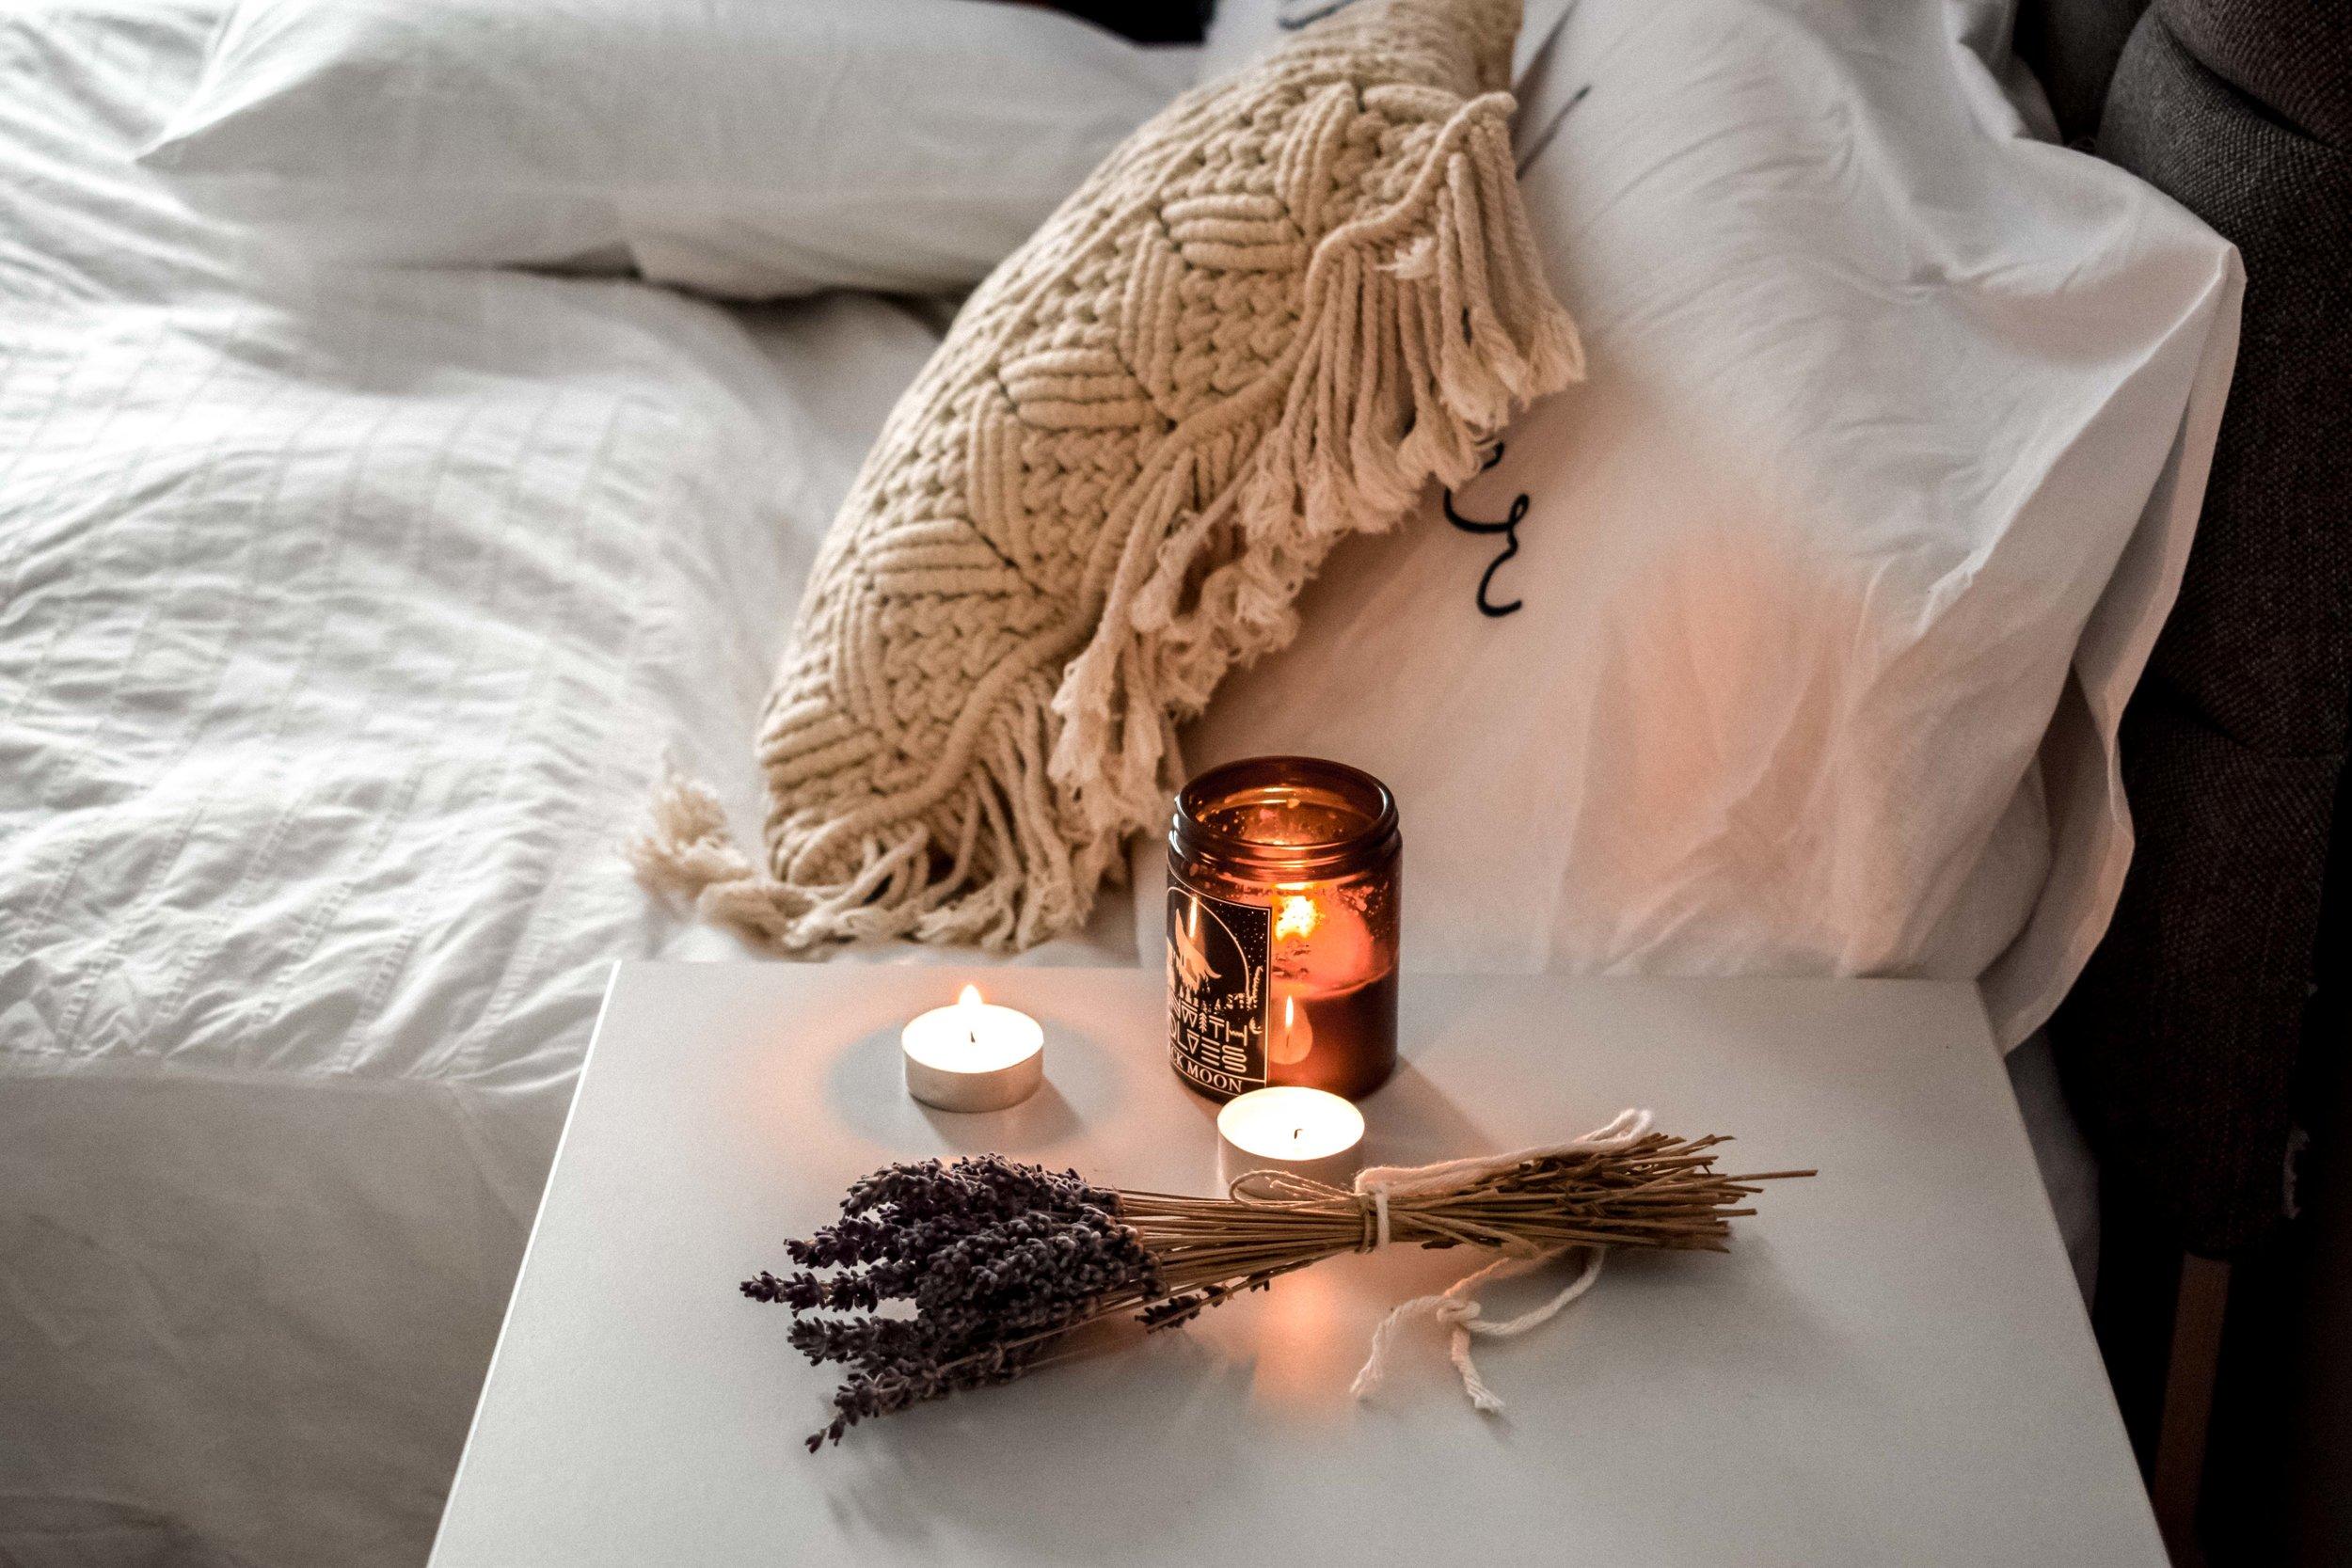 how-to-sleep-better-natural-tips-mindfull-3.jpg